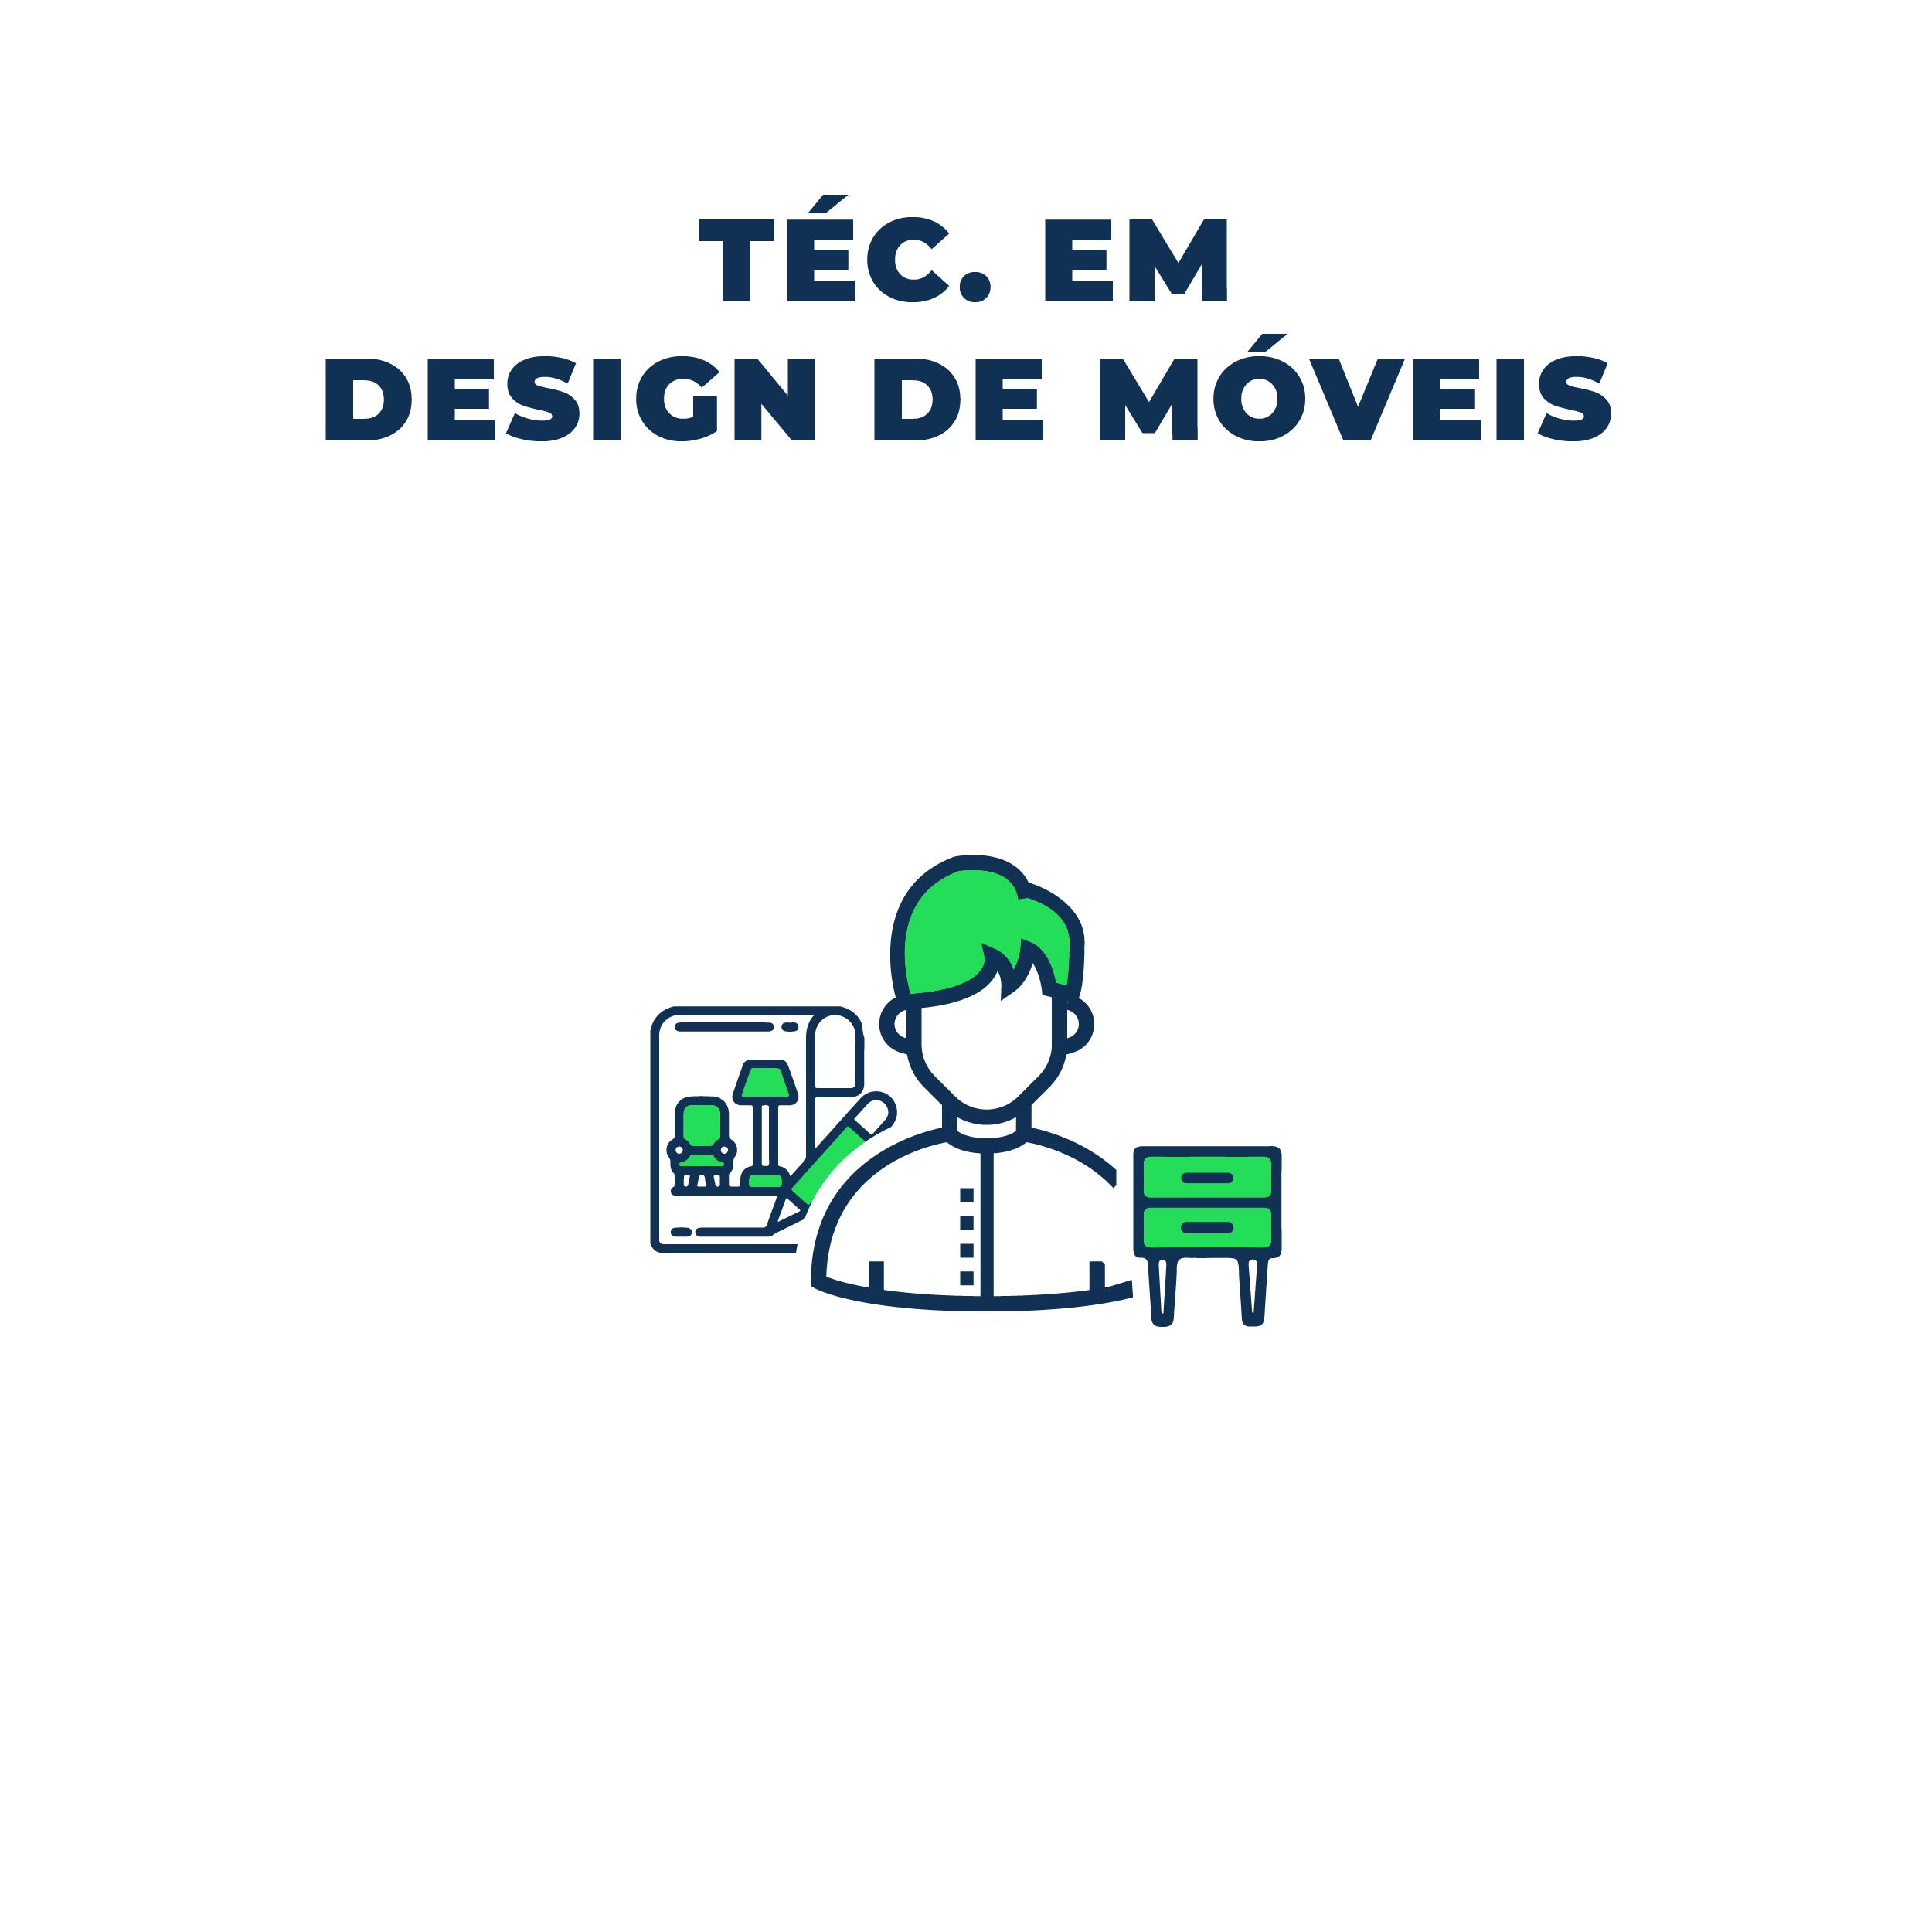 design de moveis